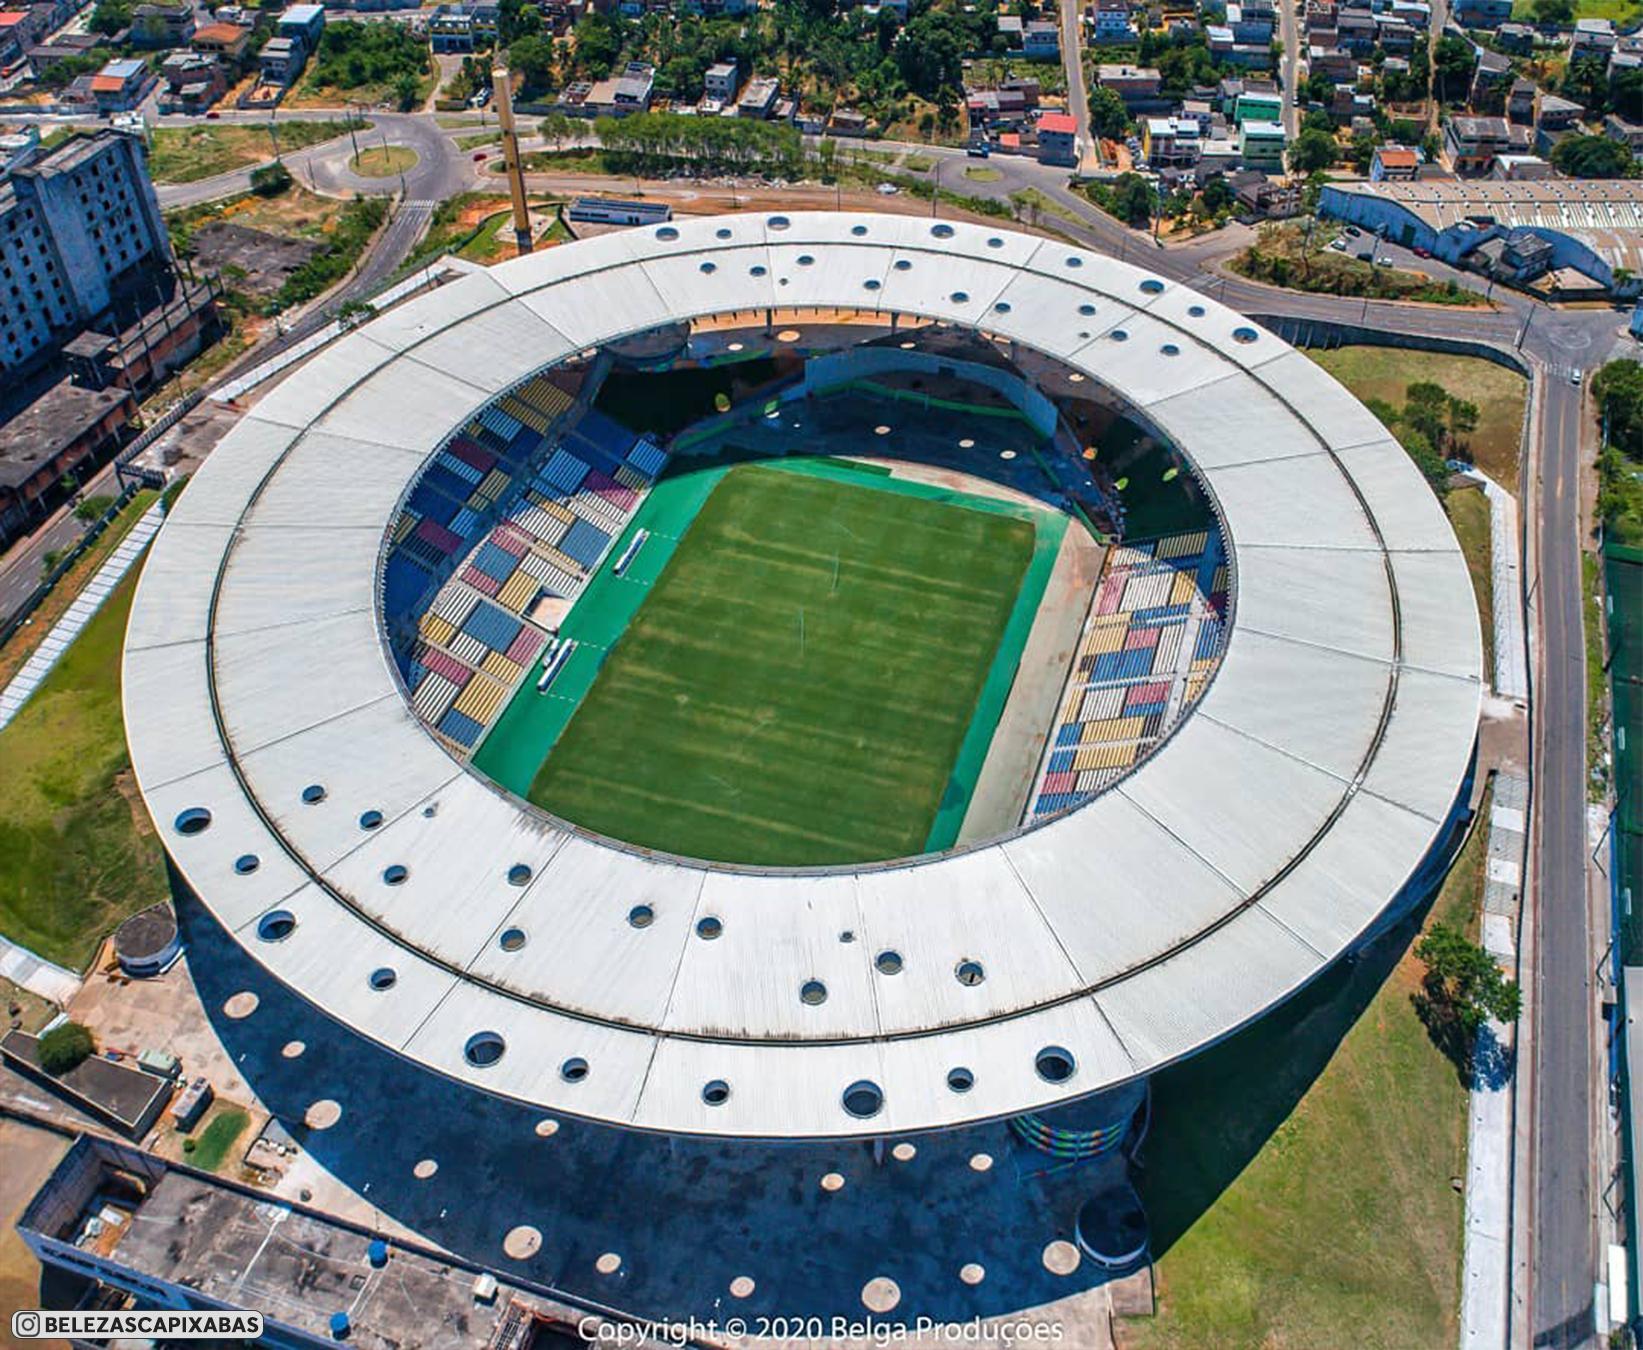 Стадион «Клебер Жозе де Андраде» имеет крайне необычный дизайн. Разноцветные трибуны и отверстия в крыше (фото с дронов)